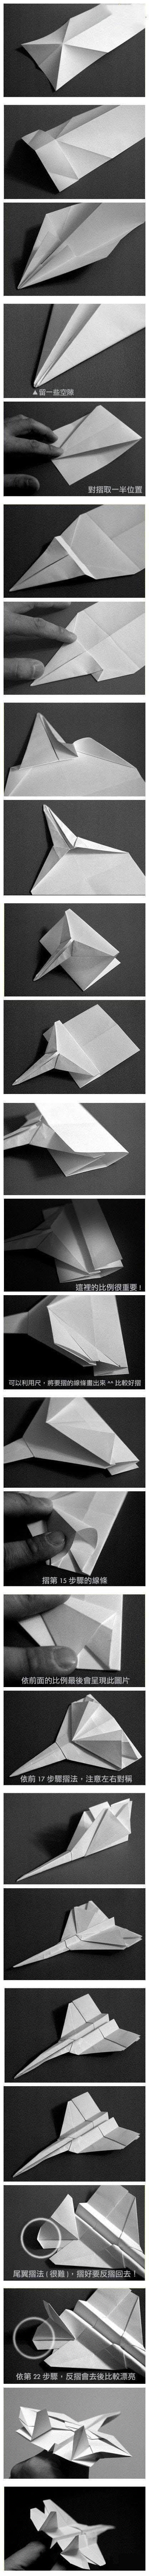 纸飞机折纸(战斗机)